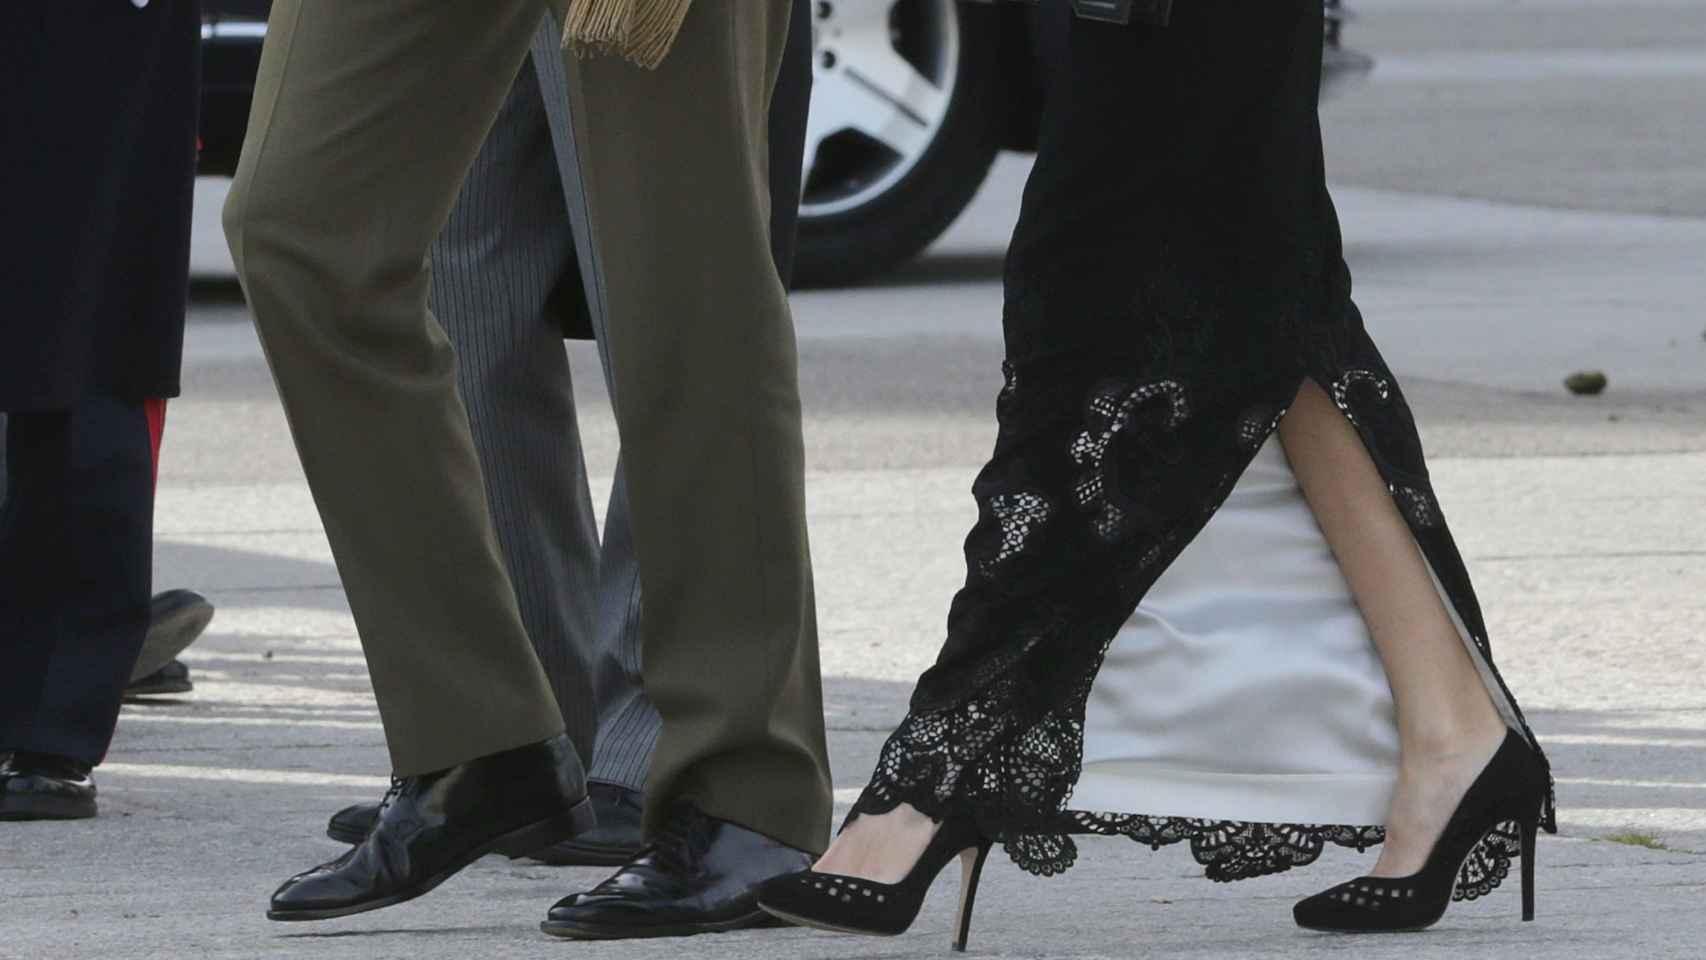 La Reina con falda larga en seda negra y bordado en hilo negro con sus tacones